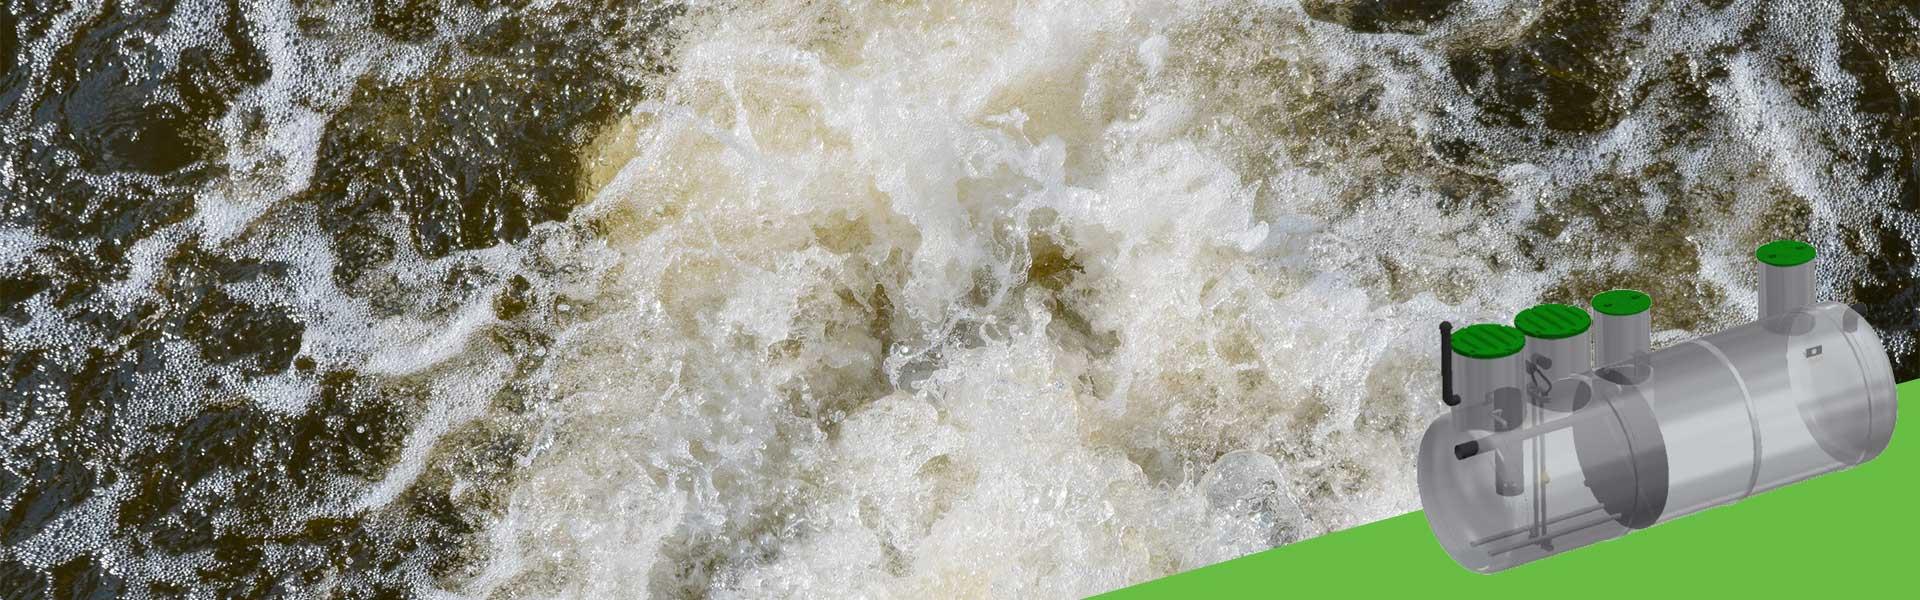 Ekoling slider waste water